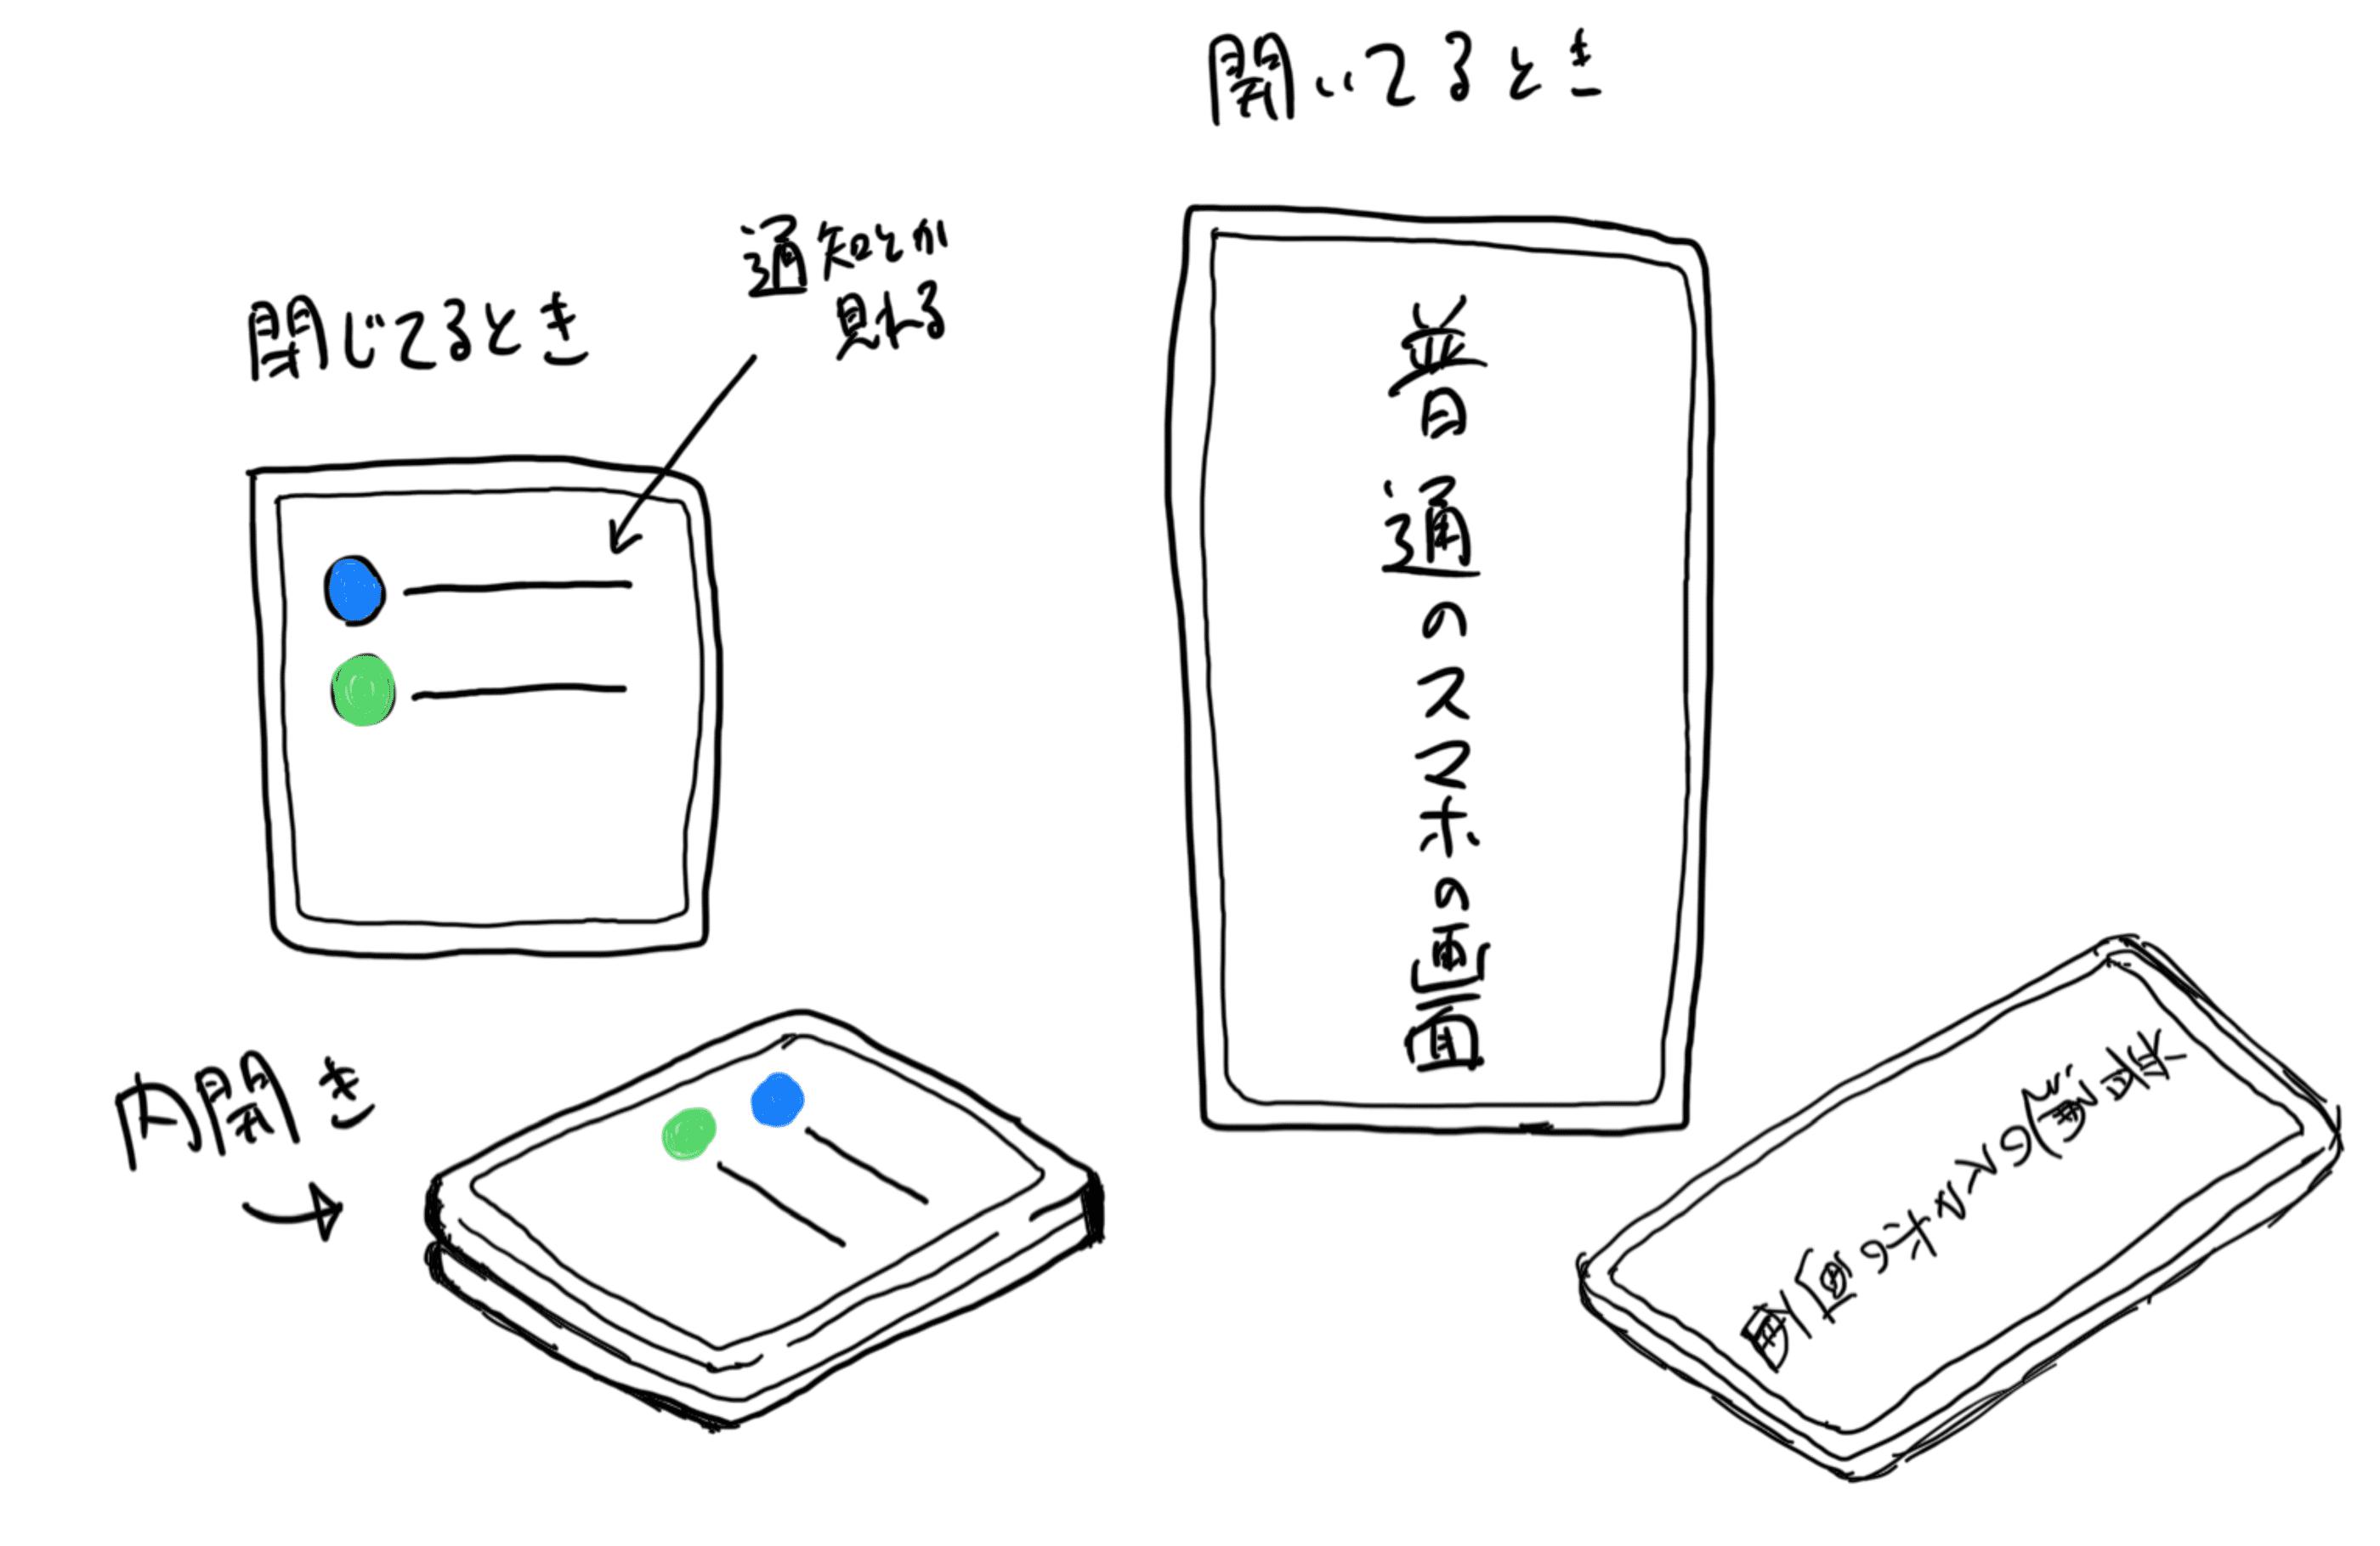 理想の2つ折りスマートフォン